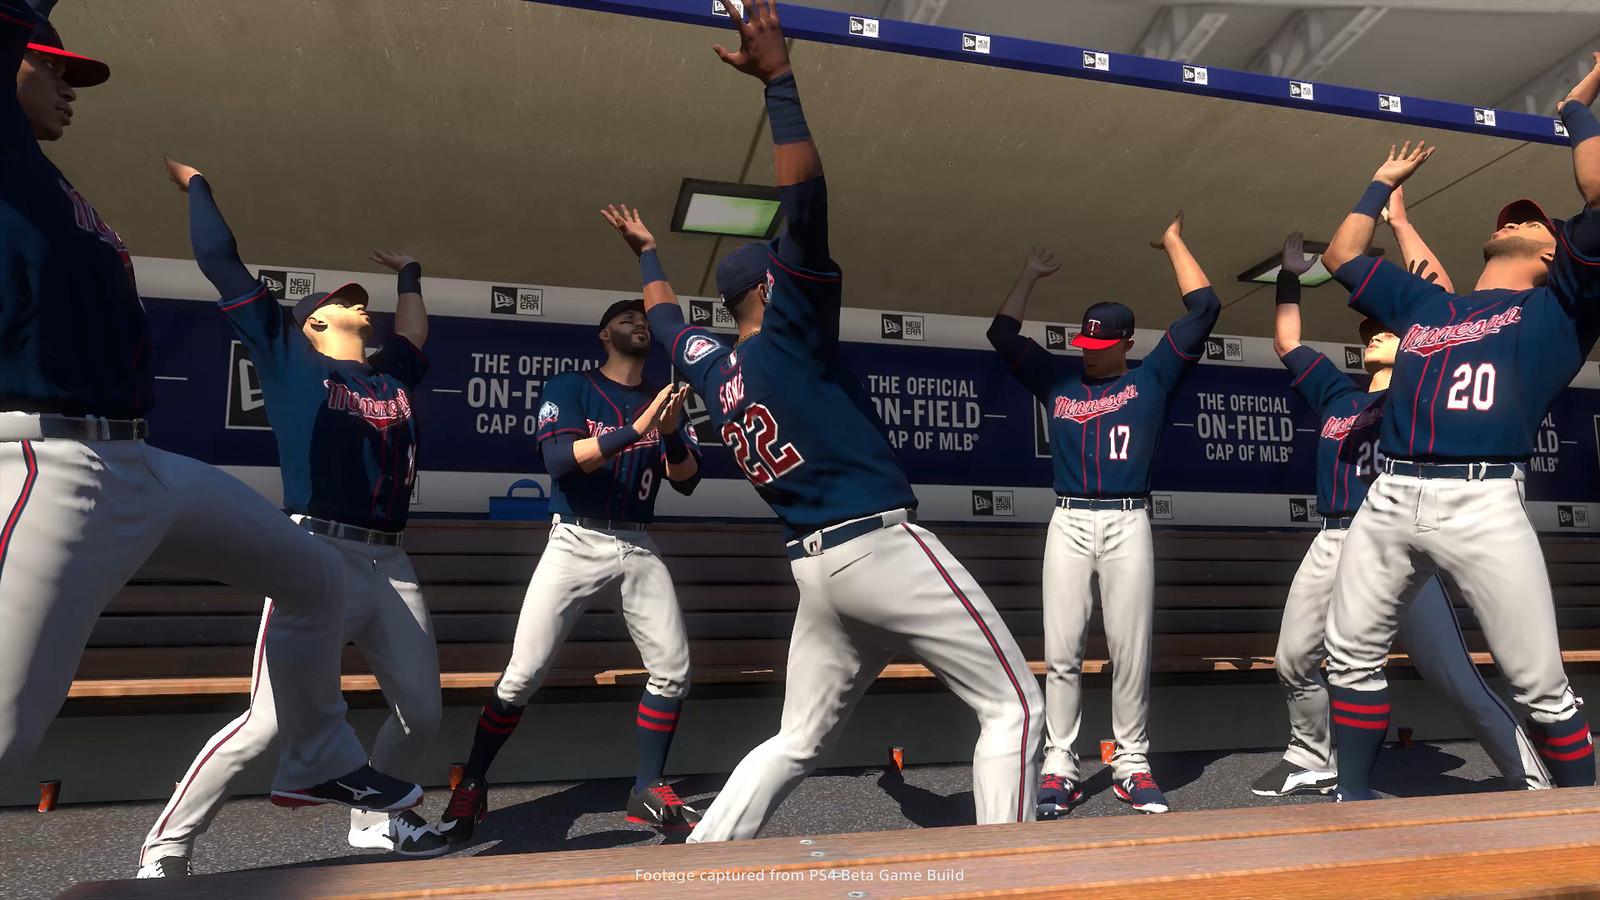 49667119232 8d12b5d9bf h - MLB The Show 20 erscheint heute für PS4 – jetzt 10 Features und Tipps lesen